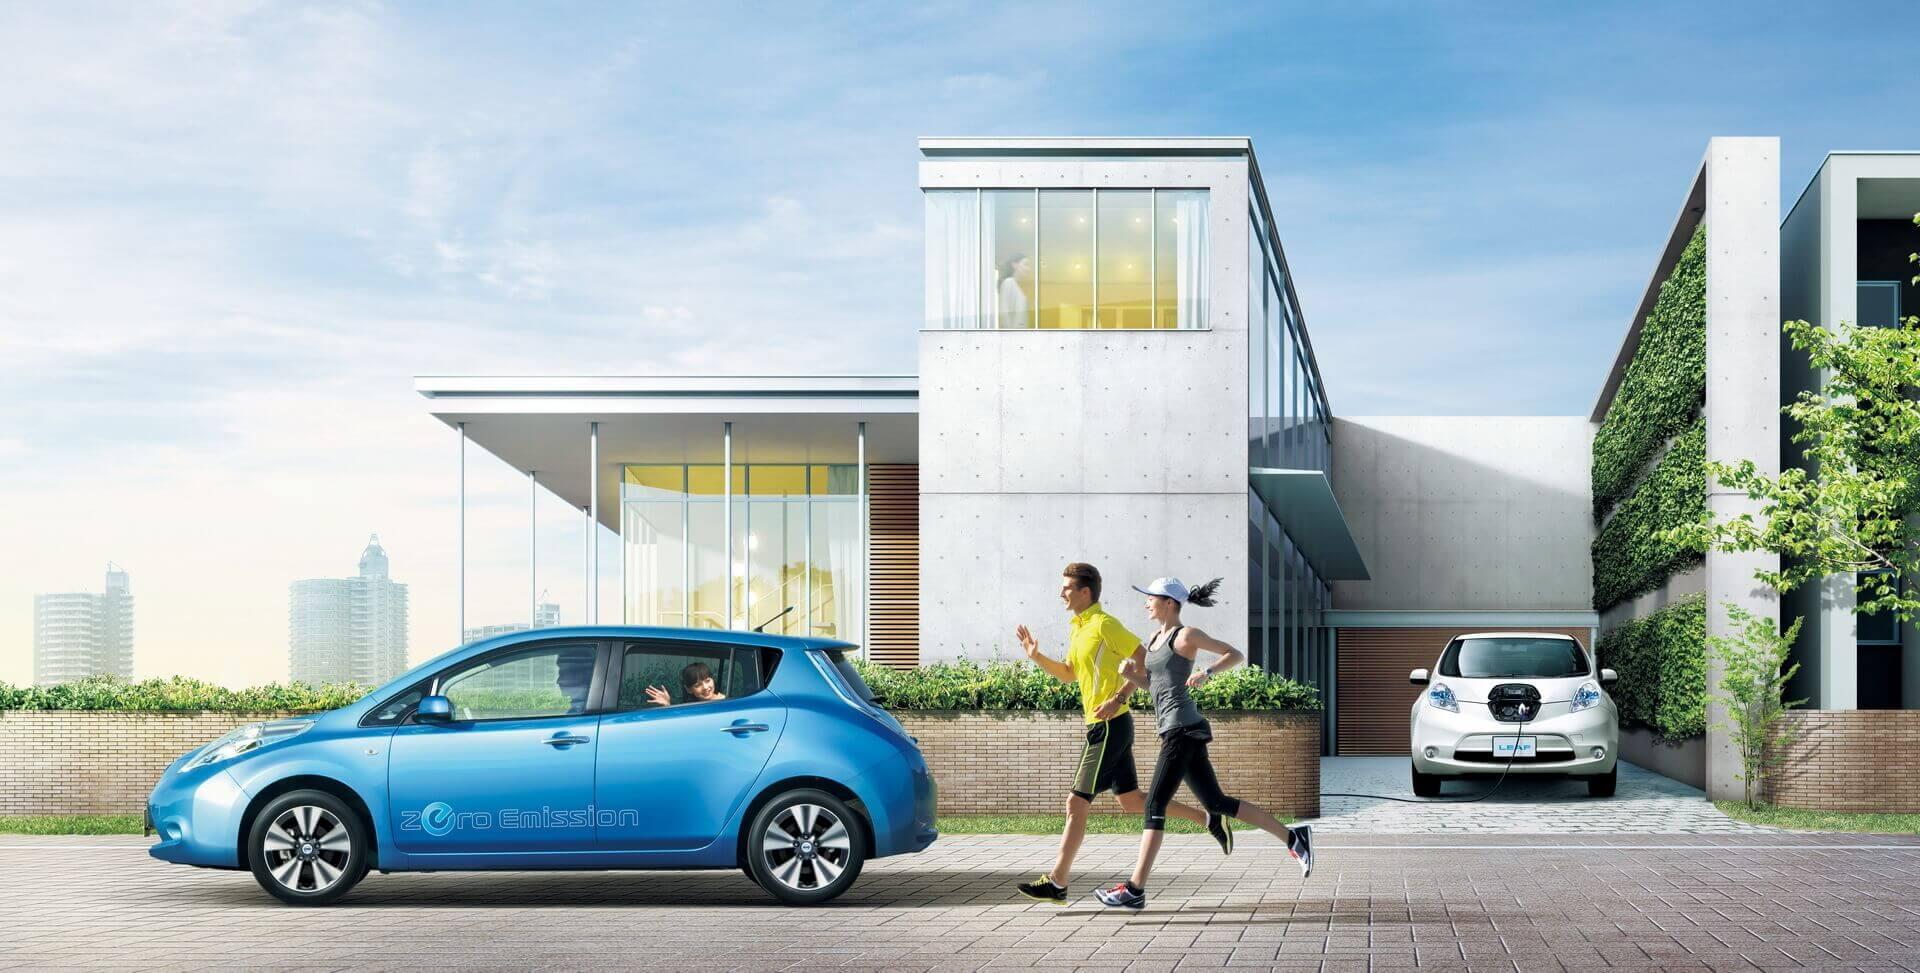 Более 500 000 клиентов перешли на электромобили Nissan LEAF, что помогло электрифицировать мир